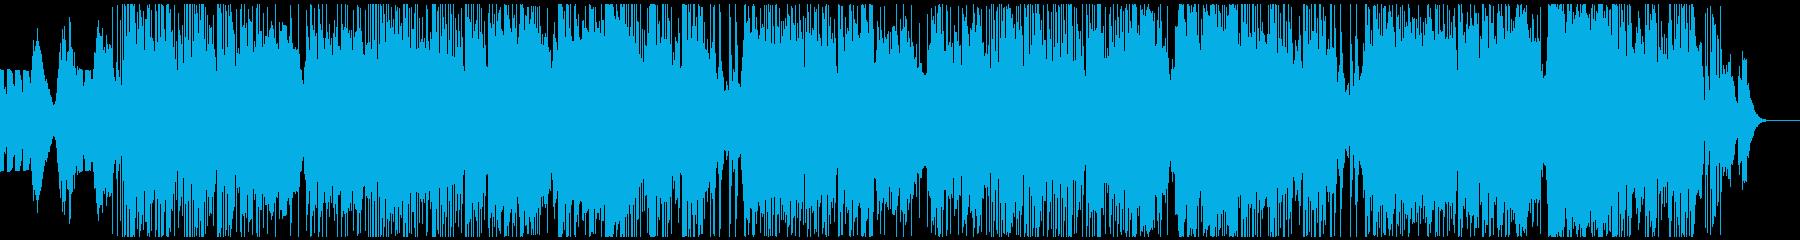 感動のエンディング、エレクトロニカの再生済みの波形